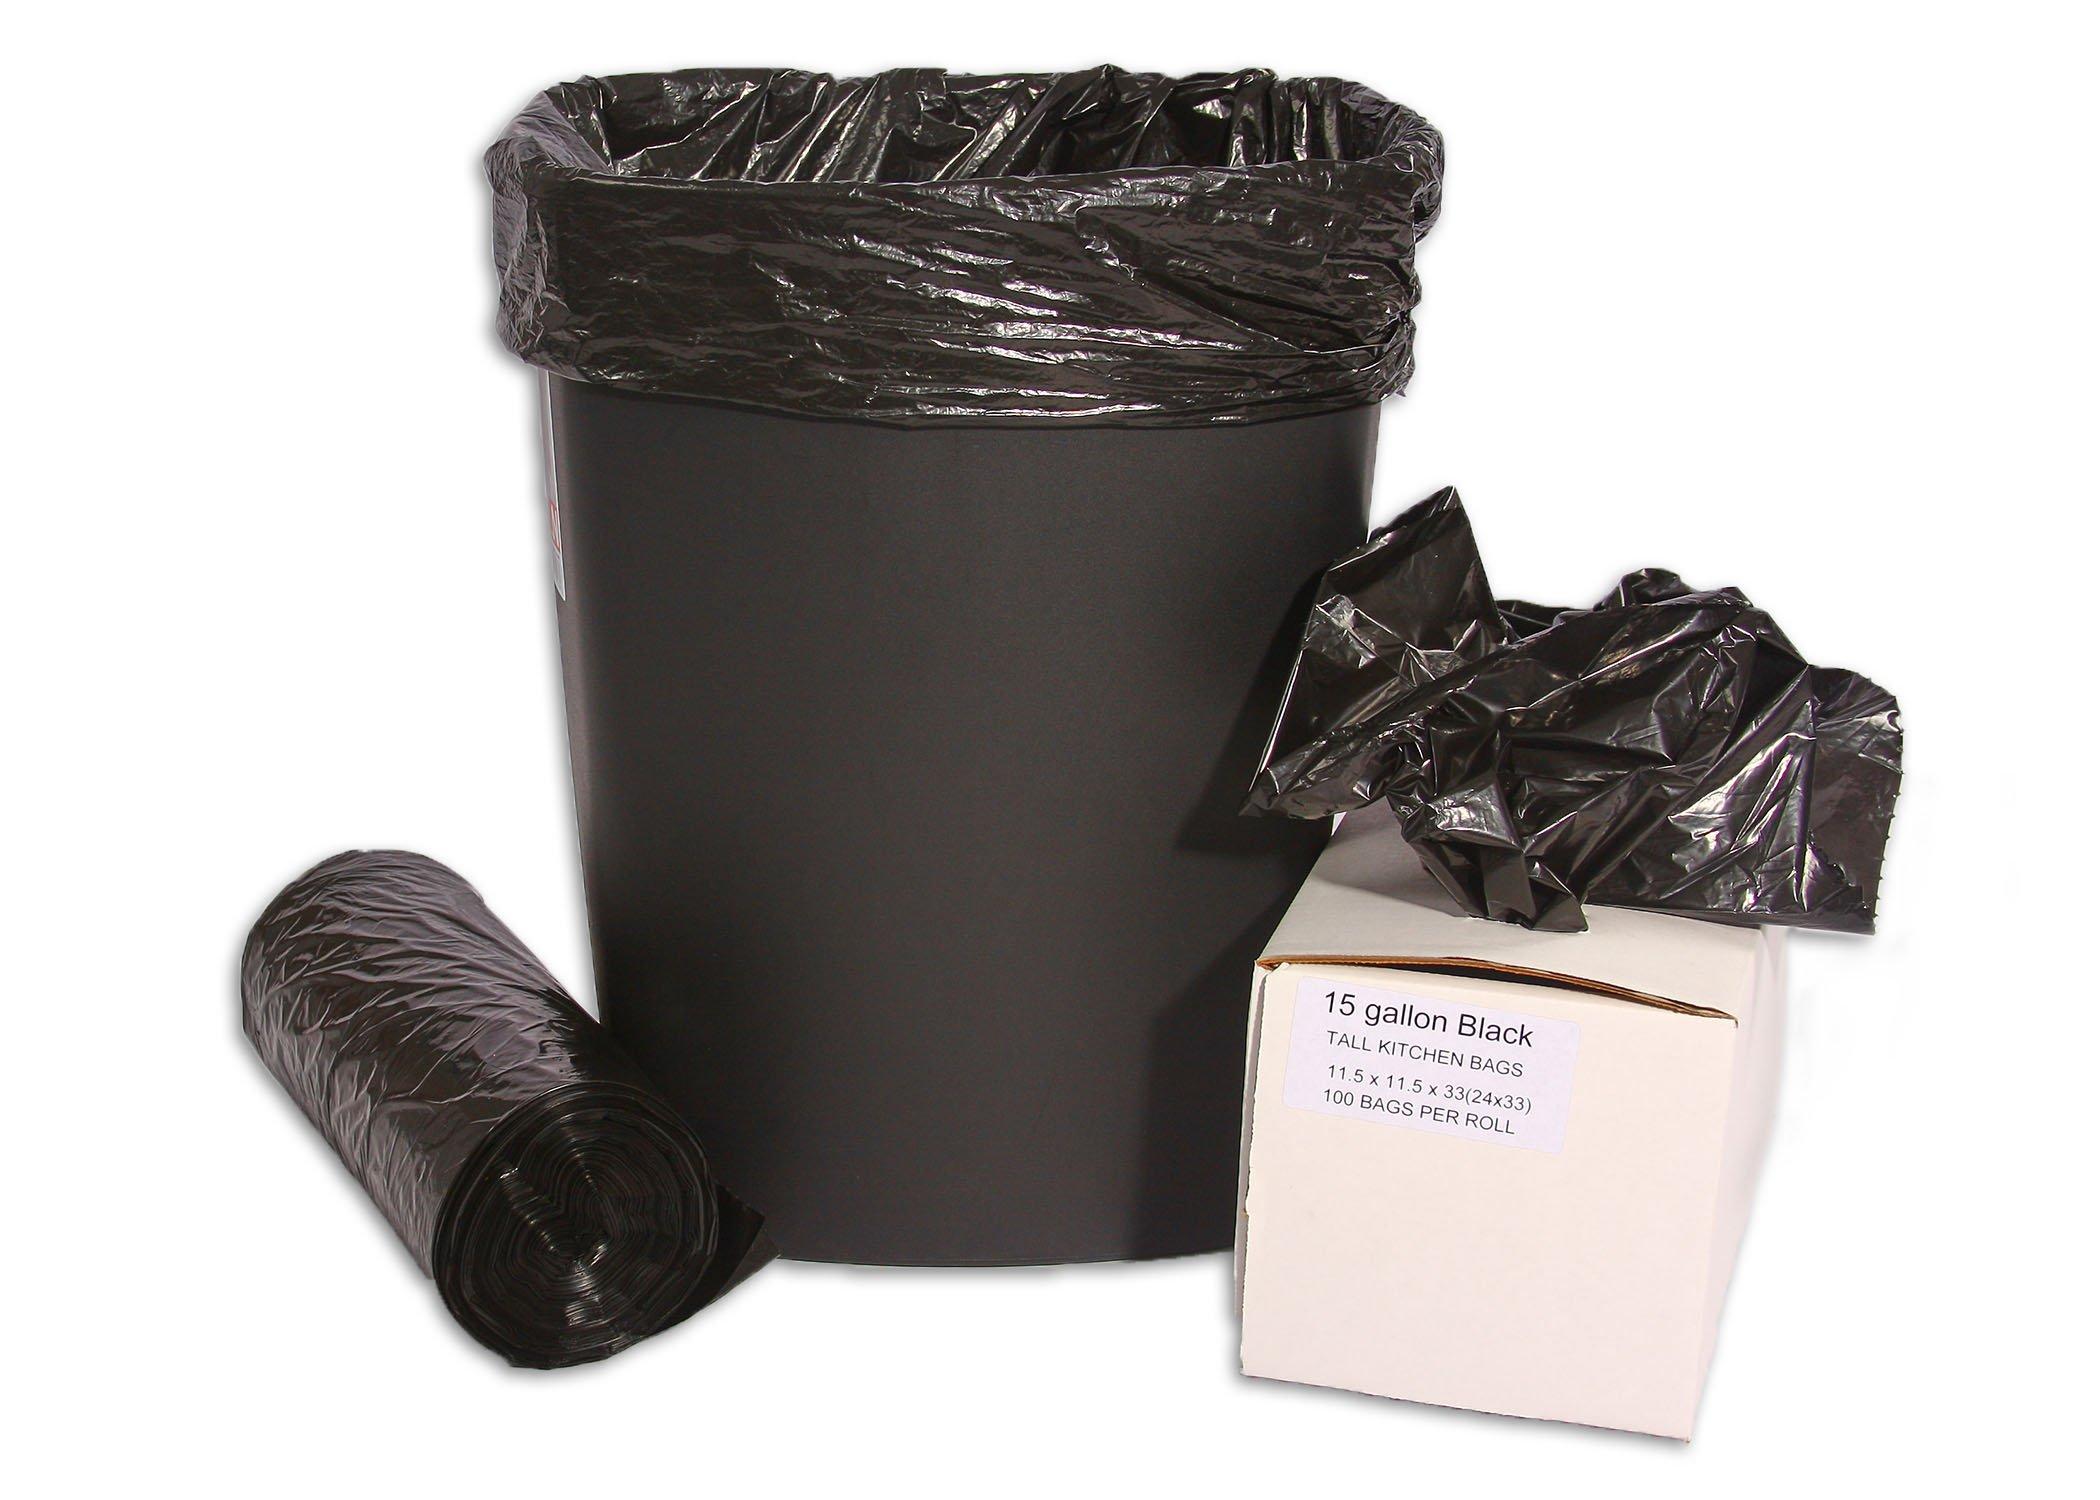 Resilia - 15 Gallon Tall Kitchen Bags (Black)